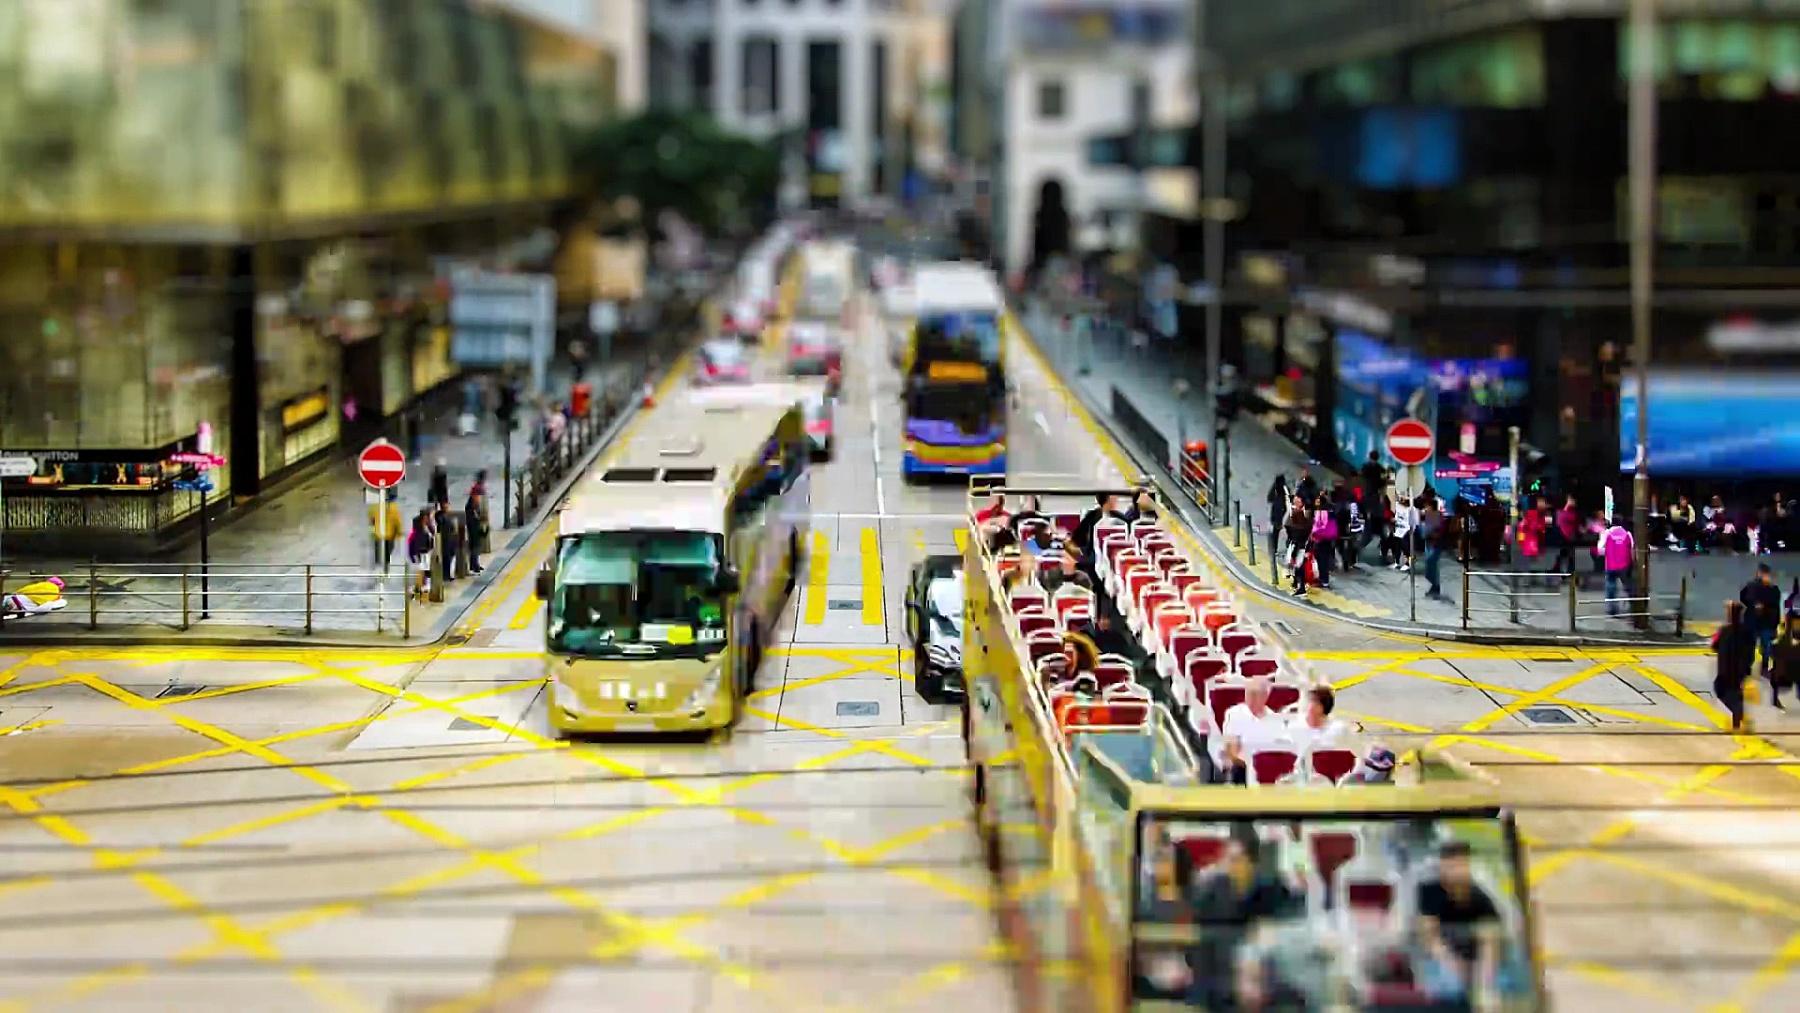 Timelapse街景铜锣湾香港市香港是亚洲地区的主要金融中心。